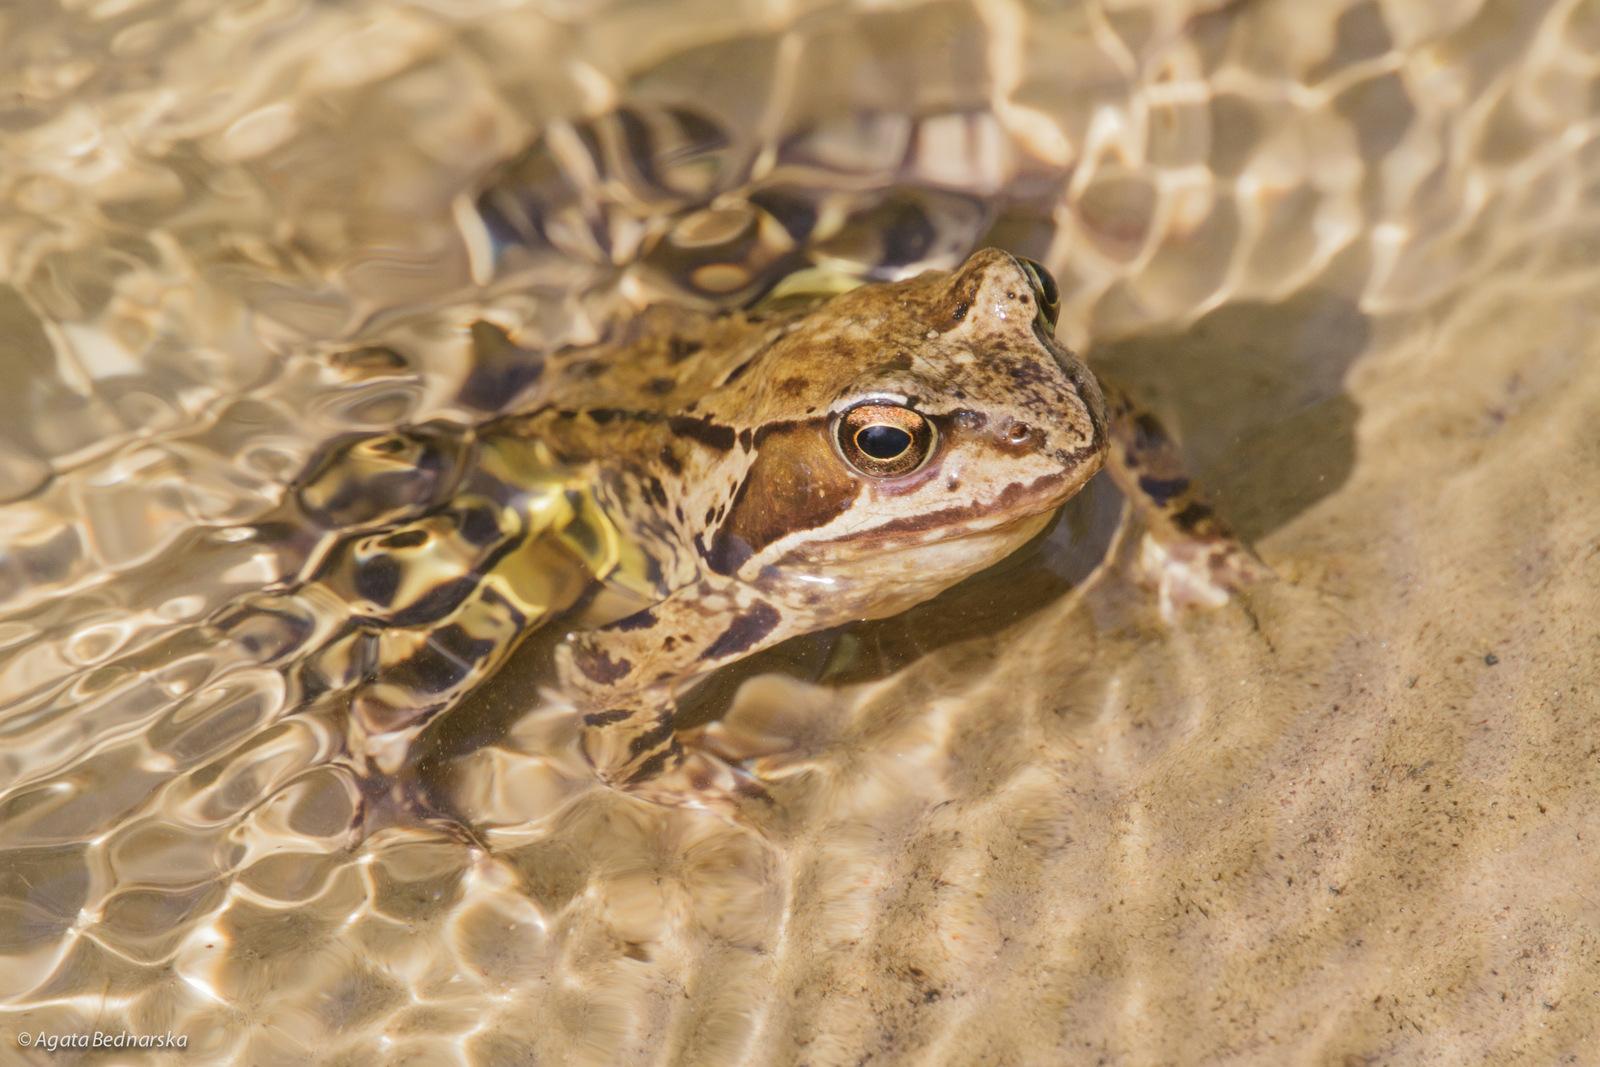 Żaba trawna?